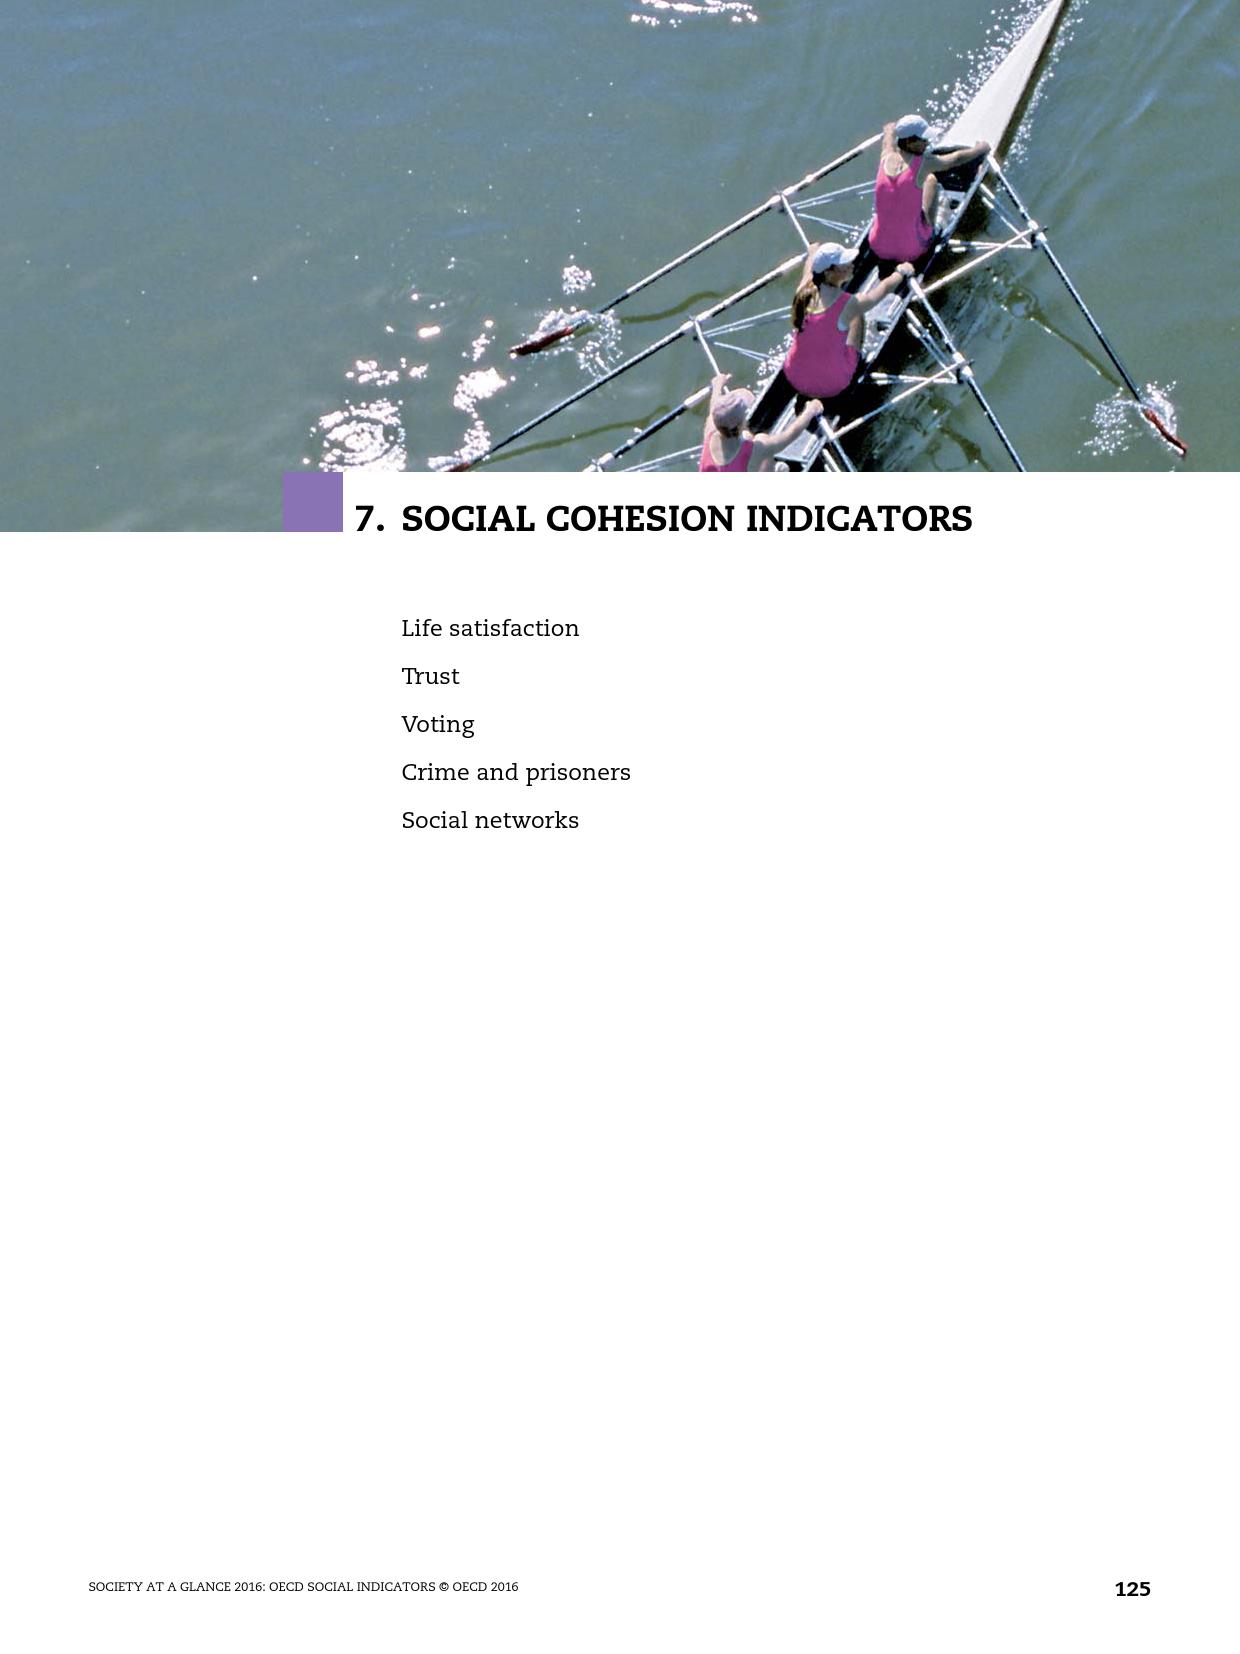 2016年OECD国家社会概览报告_000127